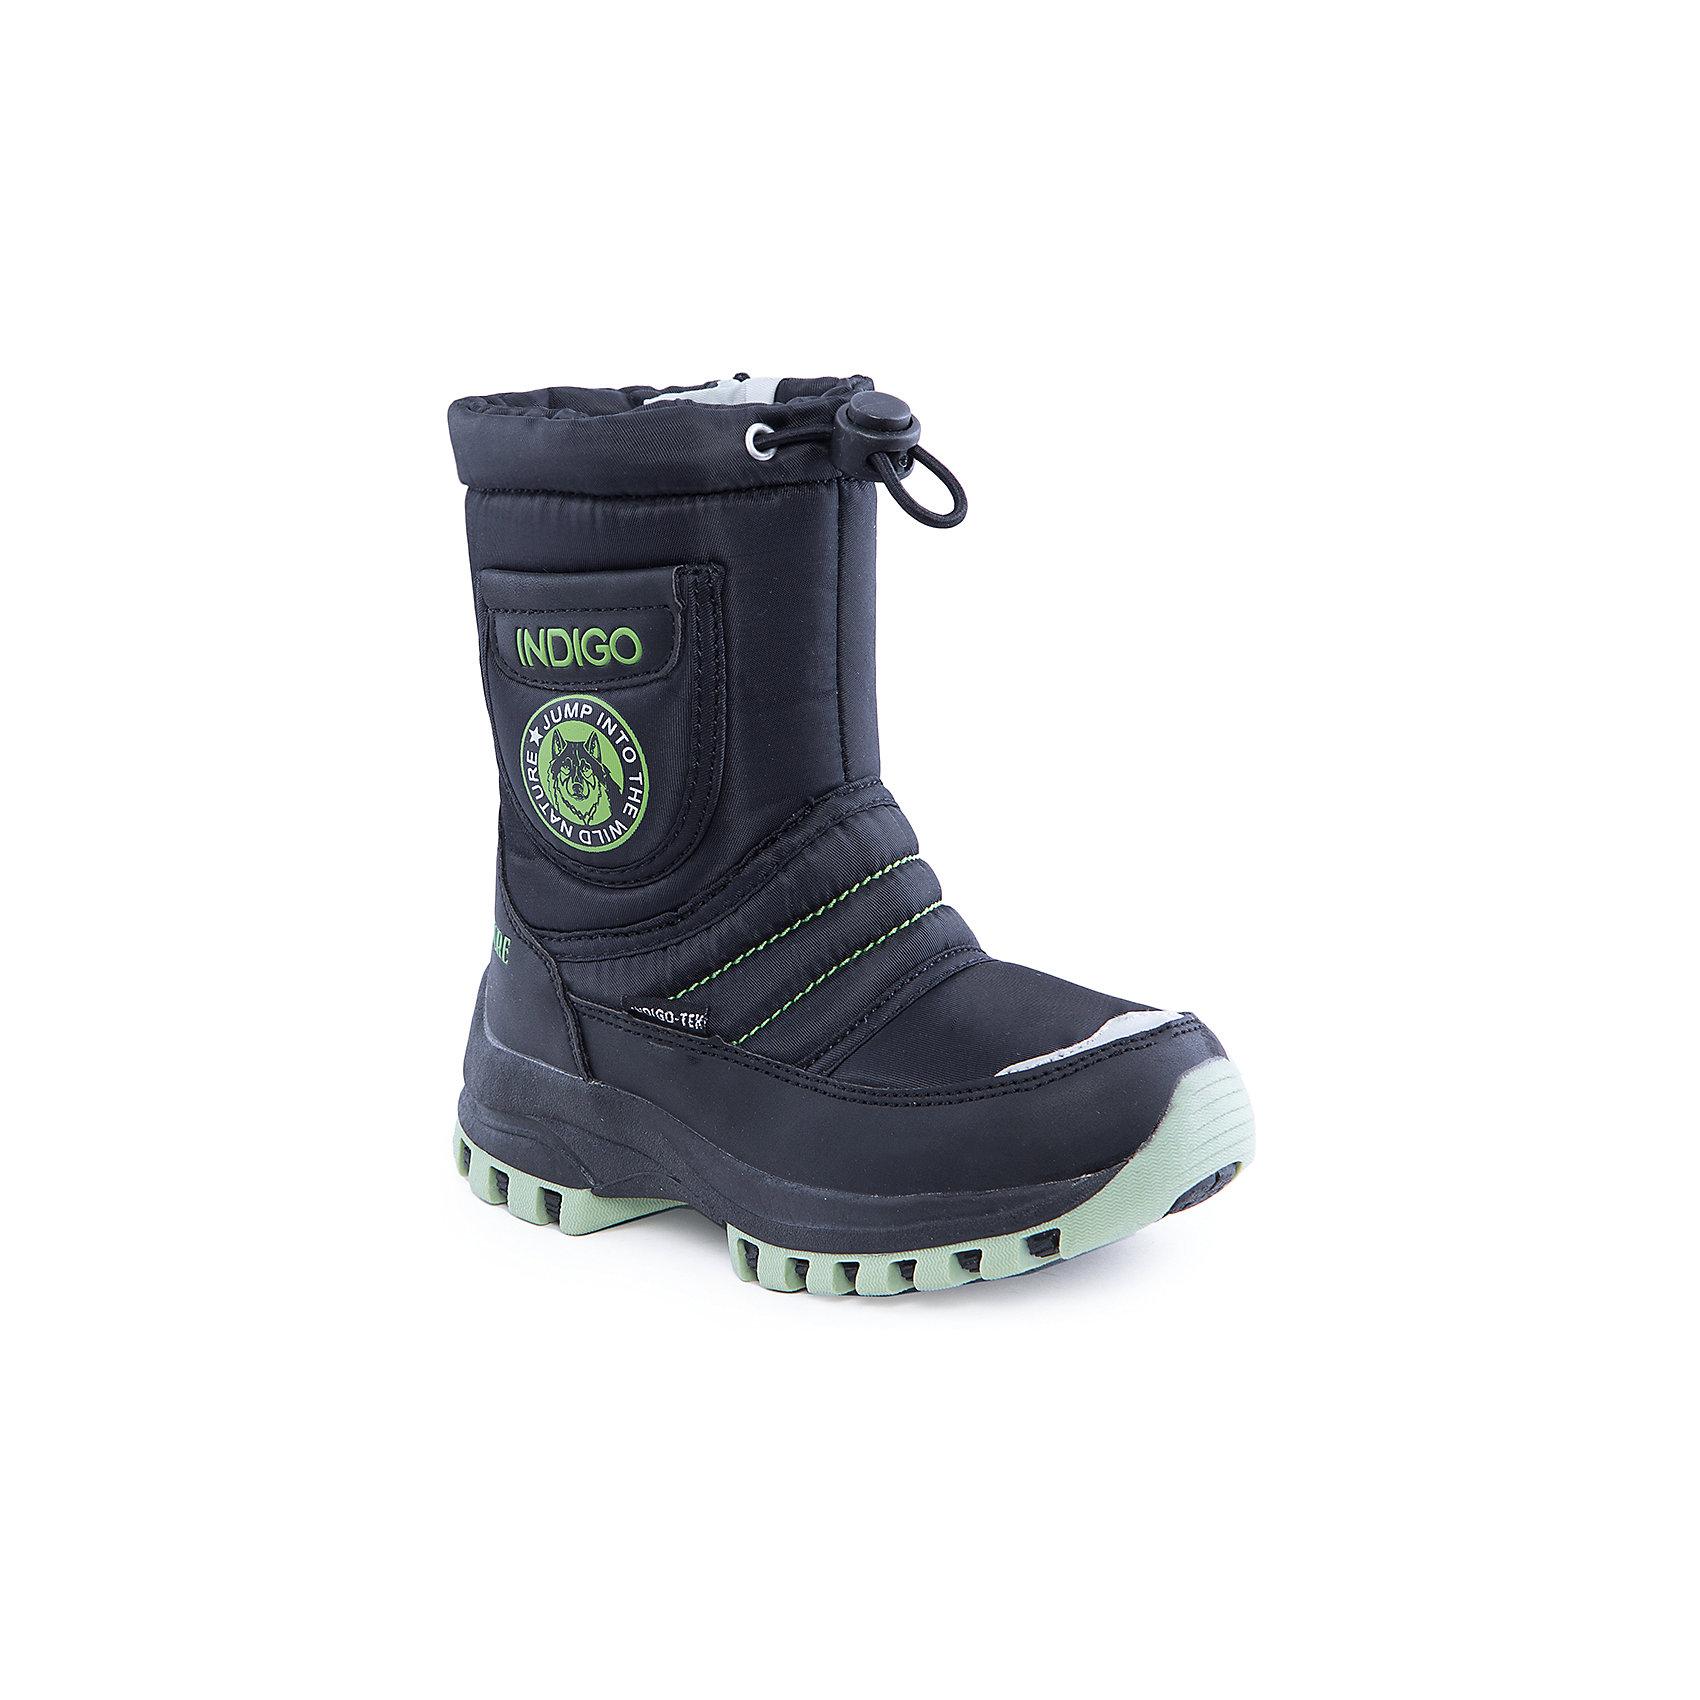 Сапоги для мальчика Indigo kidsСапоги для мальчика от известного  бренда Indigo kids<br><br>Стильные утепленные сапоги помогут защитить детские ножки от сырости и холода. Они легко надеваются, комфортно садятся по ноге. <br>Сапоги сделаны с применением технологии INDIGO TEX – это мембранный материал, выводящий влагу из обуви наружу, но не позволяющий сырости проникать внутрь.<br><br>Особенности модели:<br><br>- цвет - черный;<br>- стильный дизайн;<br>- защита пятки и пальцев;<br>- удобная колодка;<br>- подкладка шерстяная;<br>- вставка с изображением волка и надписью;<br>- наверху голенища - утяжка со стоппером;<br>- мембрана INDIGO TEX;<br>- устойчивая рифленая подошва;<br>- застежка - молния.<br><br>Дополнительная информация:<br><br>Температурный режим:<br>от -10° С до +5° С<br><br>Состав:<br><br>верх – текстиль/искусственная кожа;<br>подкладка - шерсть;<br>подошва - полимер.<br><br>Сапоги для мальчика Indigo kids (Индиго Кидс) можно купить в нашем магазине.<br><br>Ширина мм: 257<br>Глубина мм: 180<br>Высота мм: 130<br>Вес г: 420<br>Цвет: черный<br>Возраст от месяцев: 48<br>Возраст до месяцев: 60<br>Пол: Мужской<br>Возраст: Детский<br>Размер: 28,26,31,30,29,27<br>SKU: 4340524